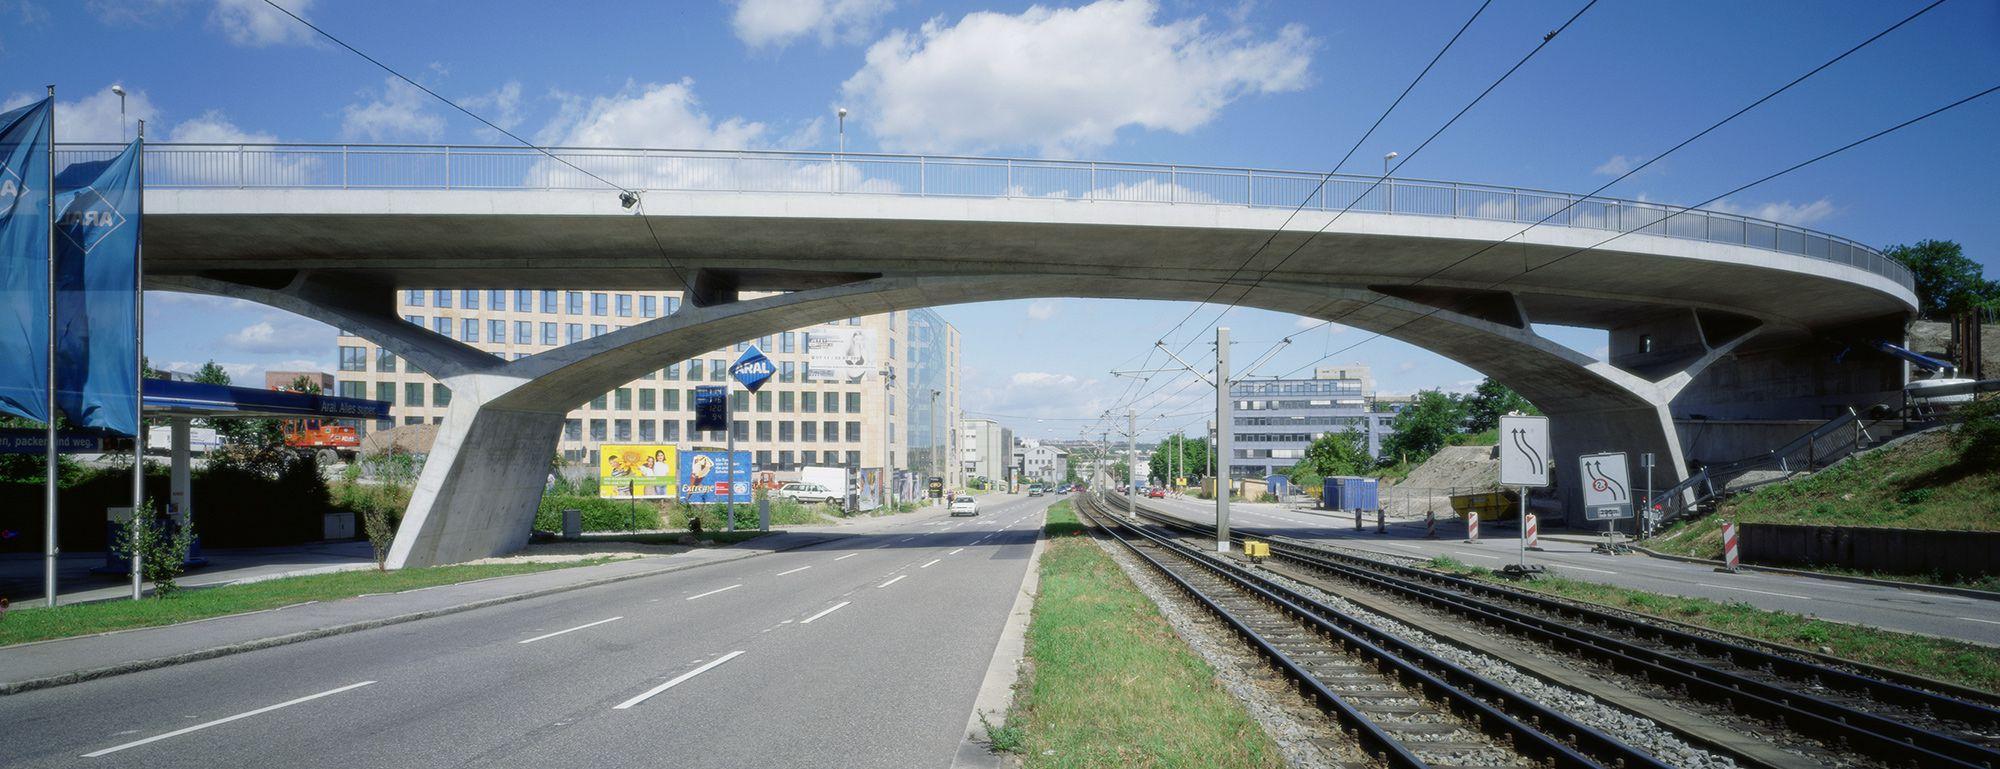 Integral Bridges - CivilArc